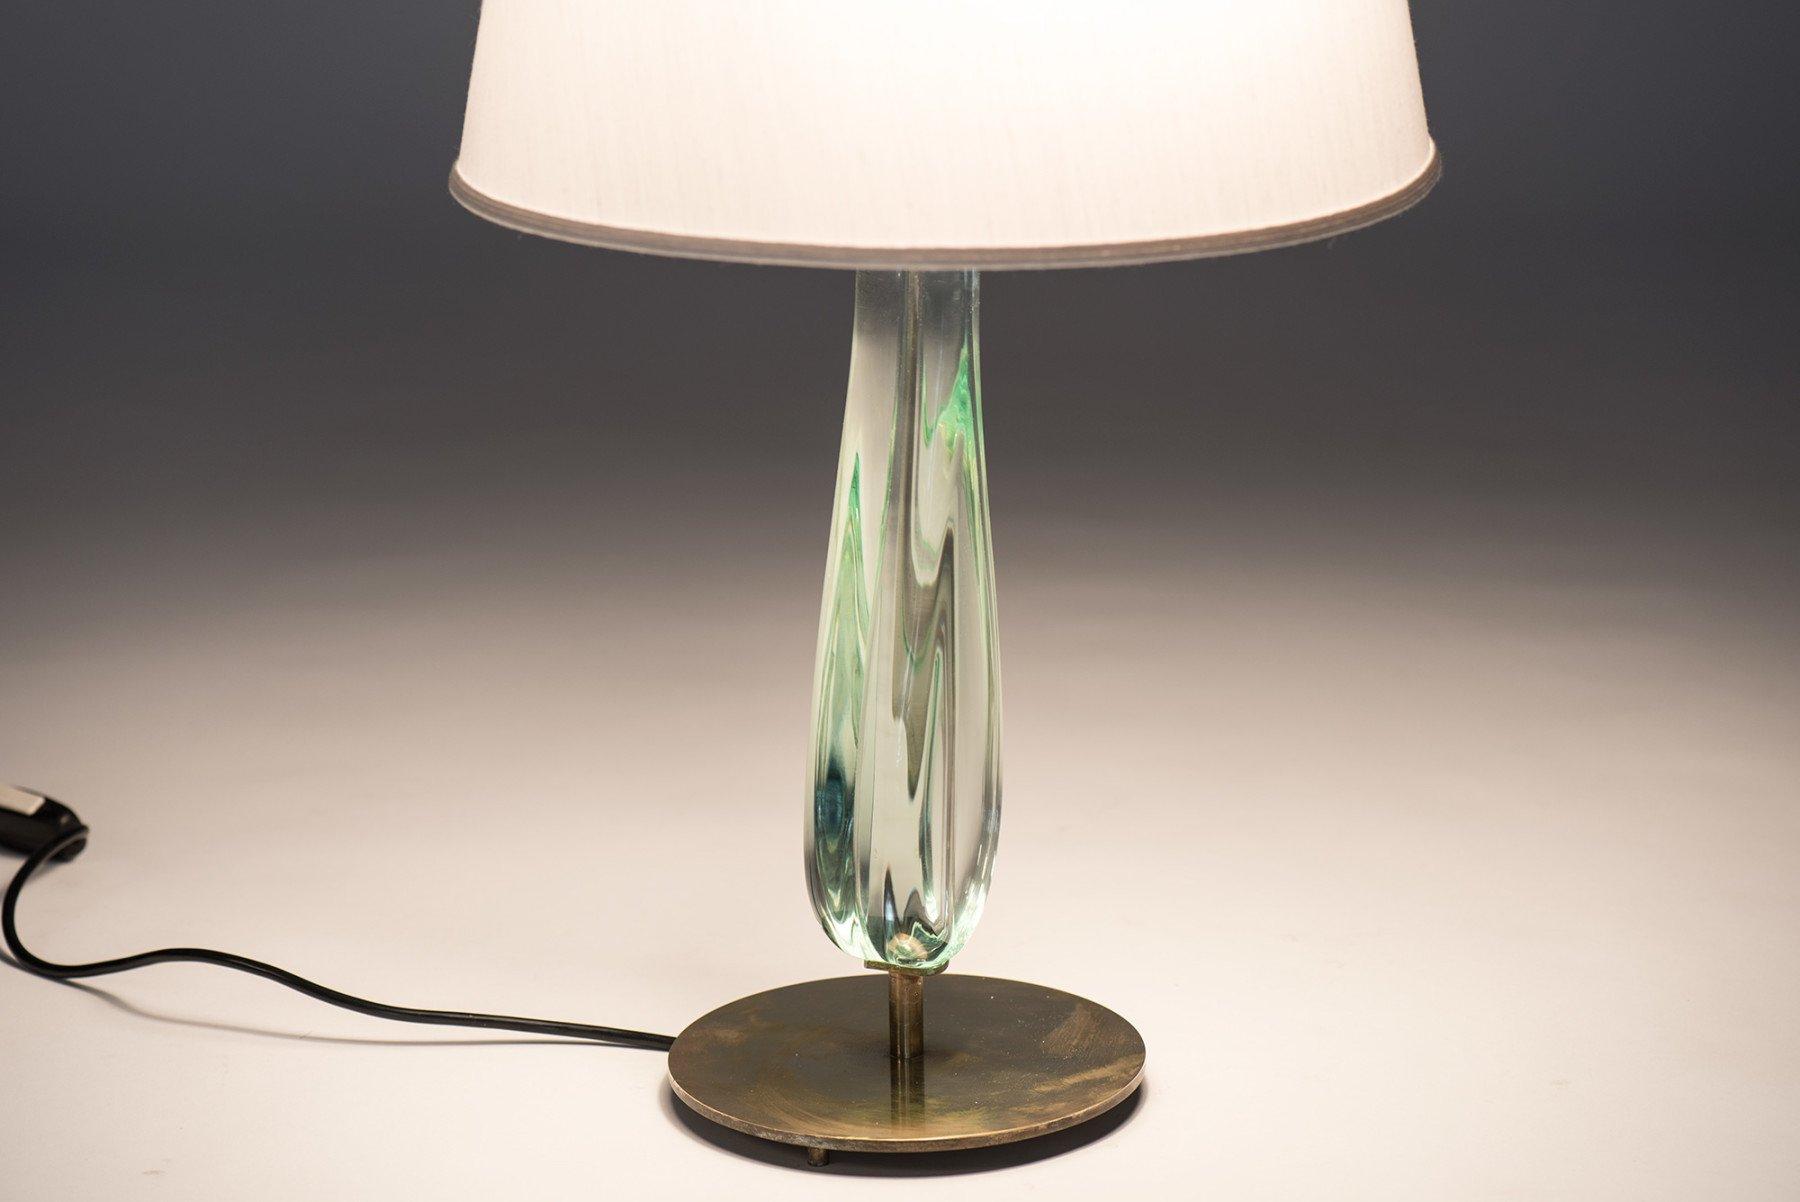 Max Ingrand |   Table lamp, model 2206